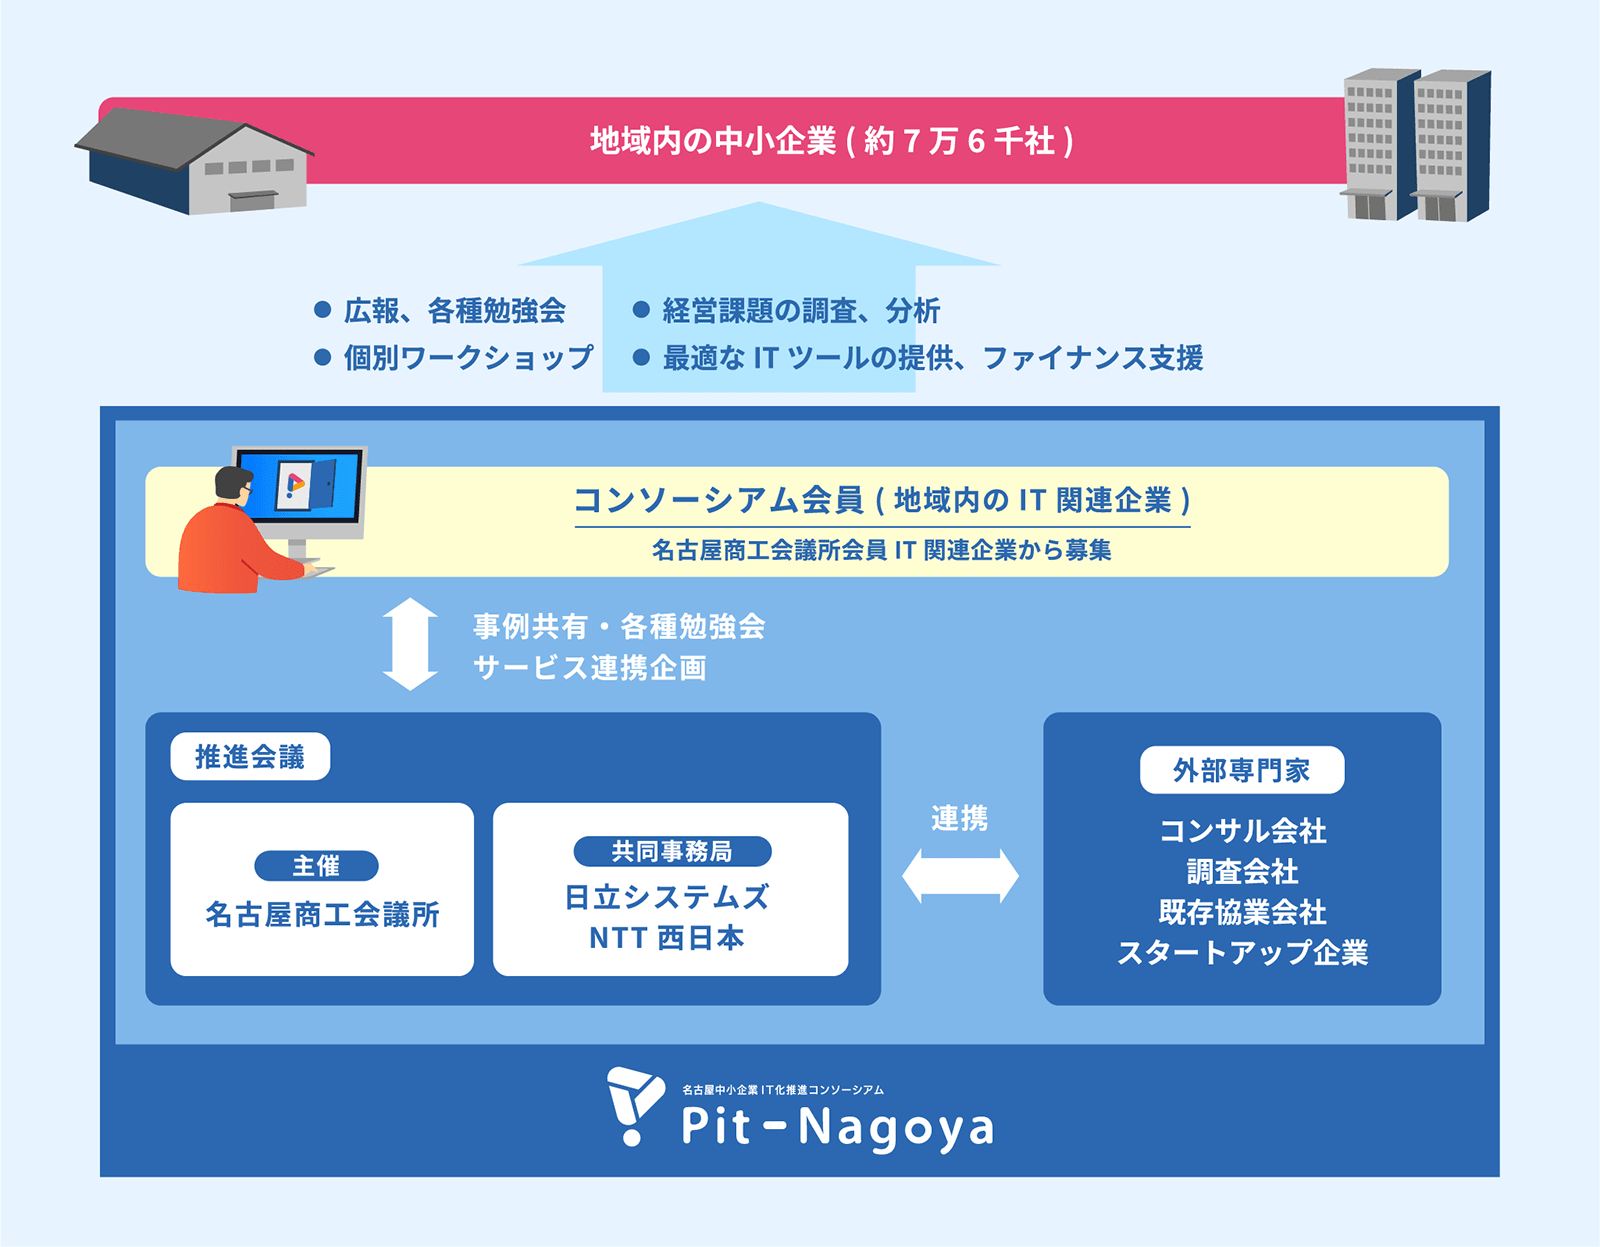 Pit-Nagoya 名古屋の中小企業へのIT導入を促進するための仕組み